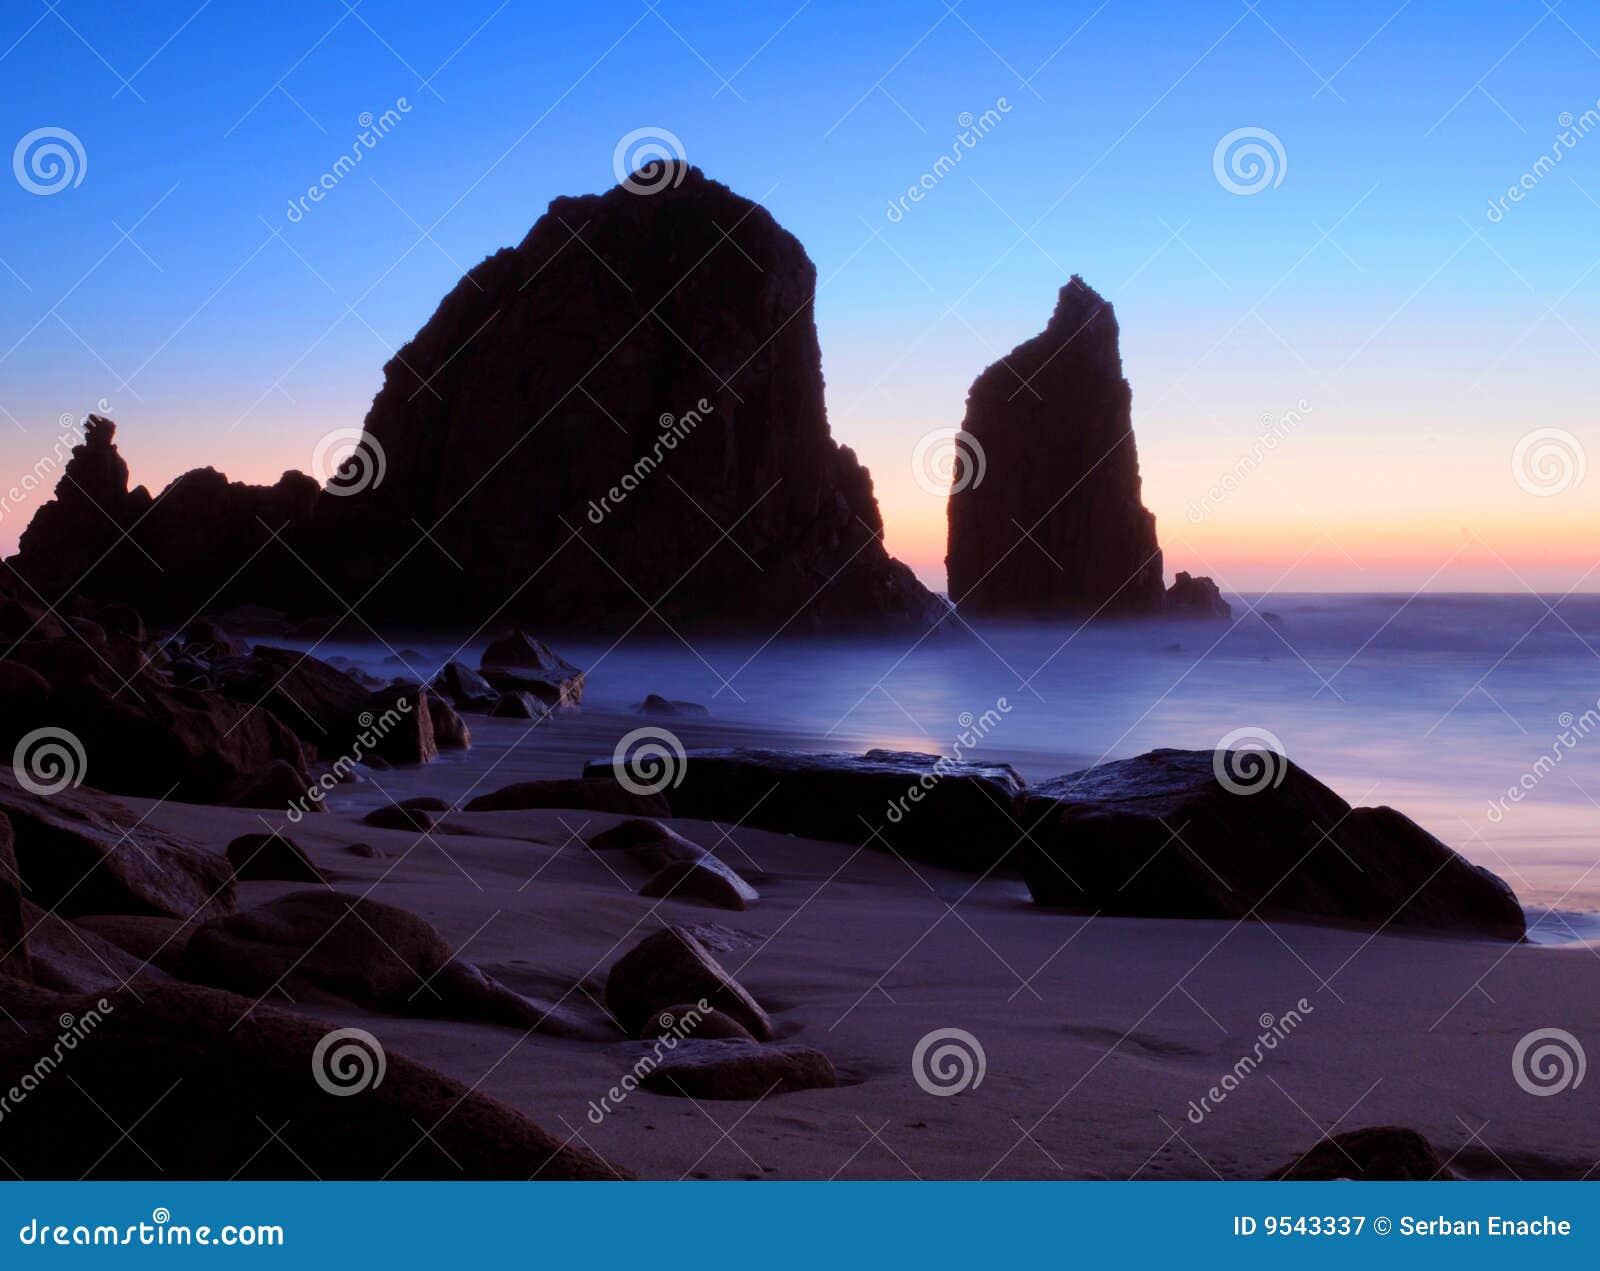 Sunset rocks on beach